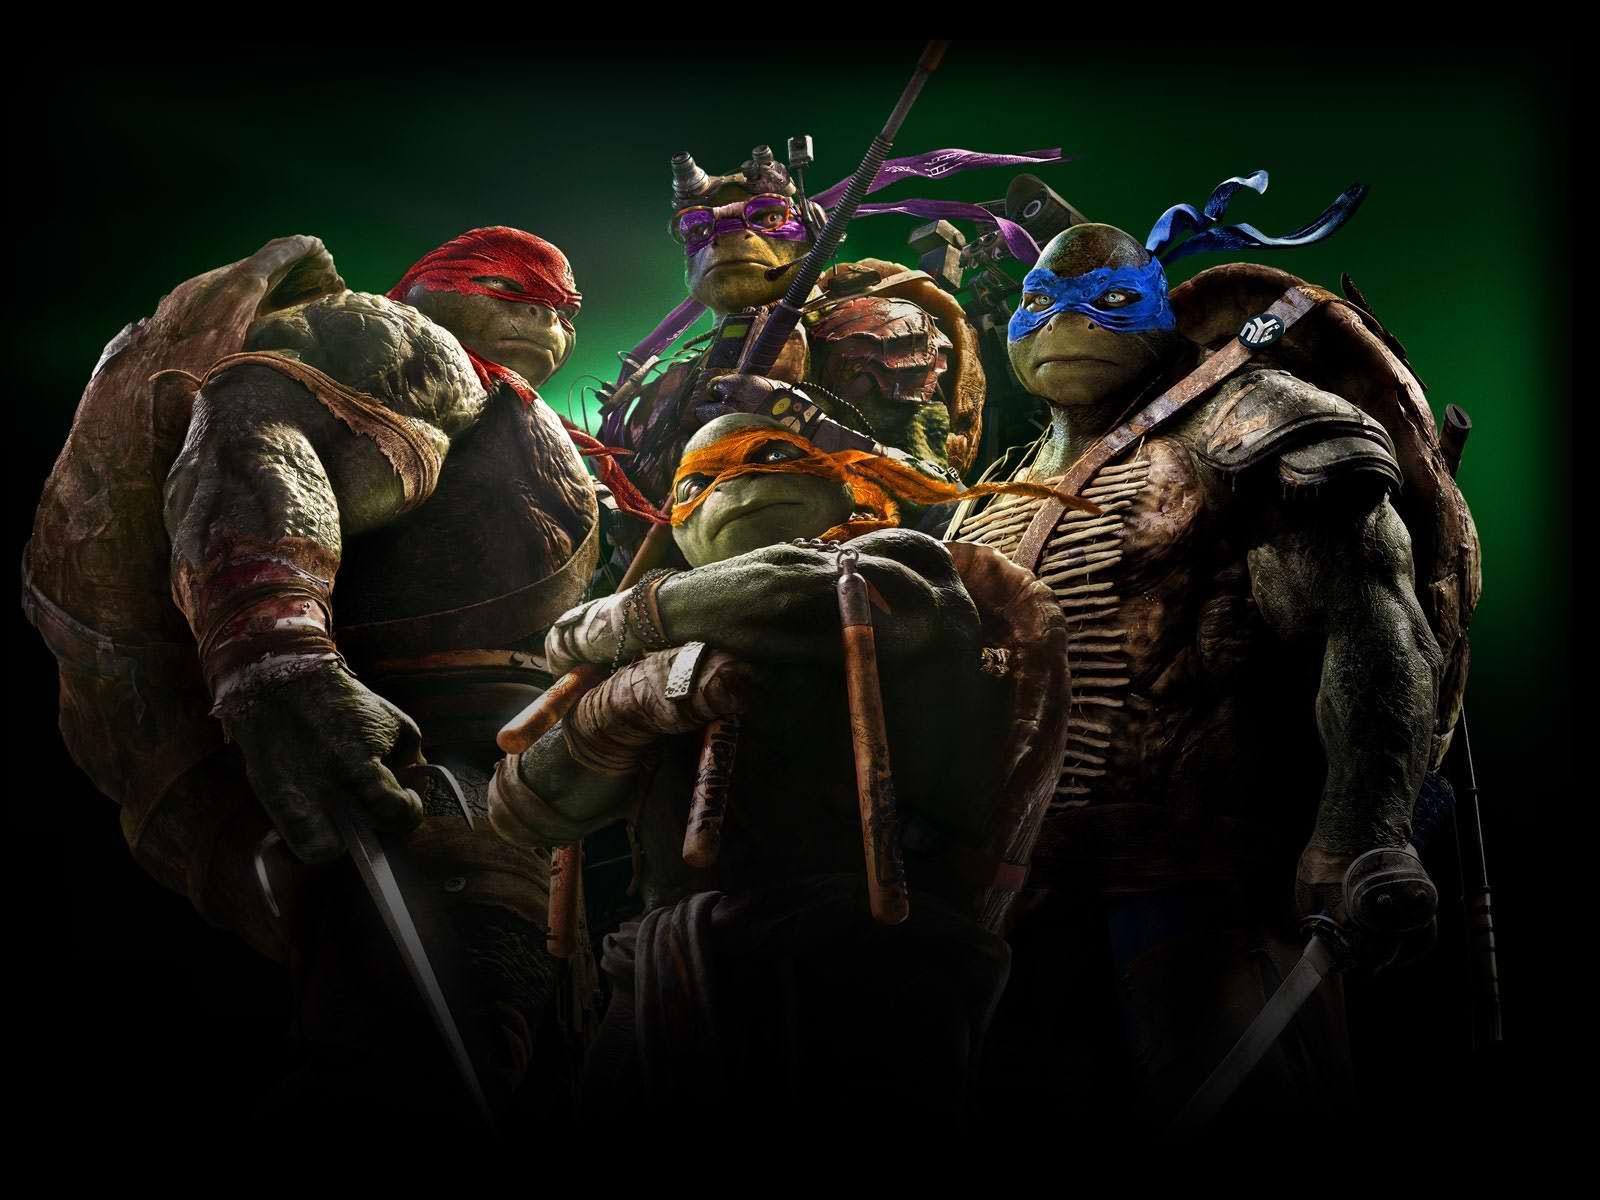 Teenage mutant ninja turtles 2015 wallpapers wallpaper cave - Ninja turtles wallpaper ...